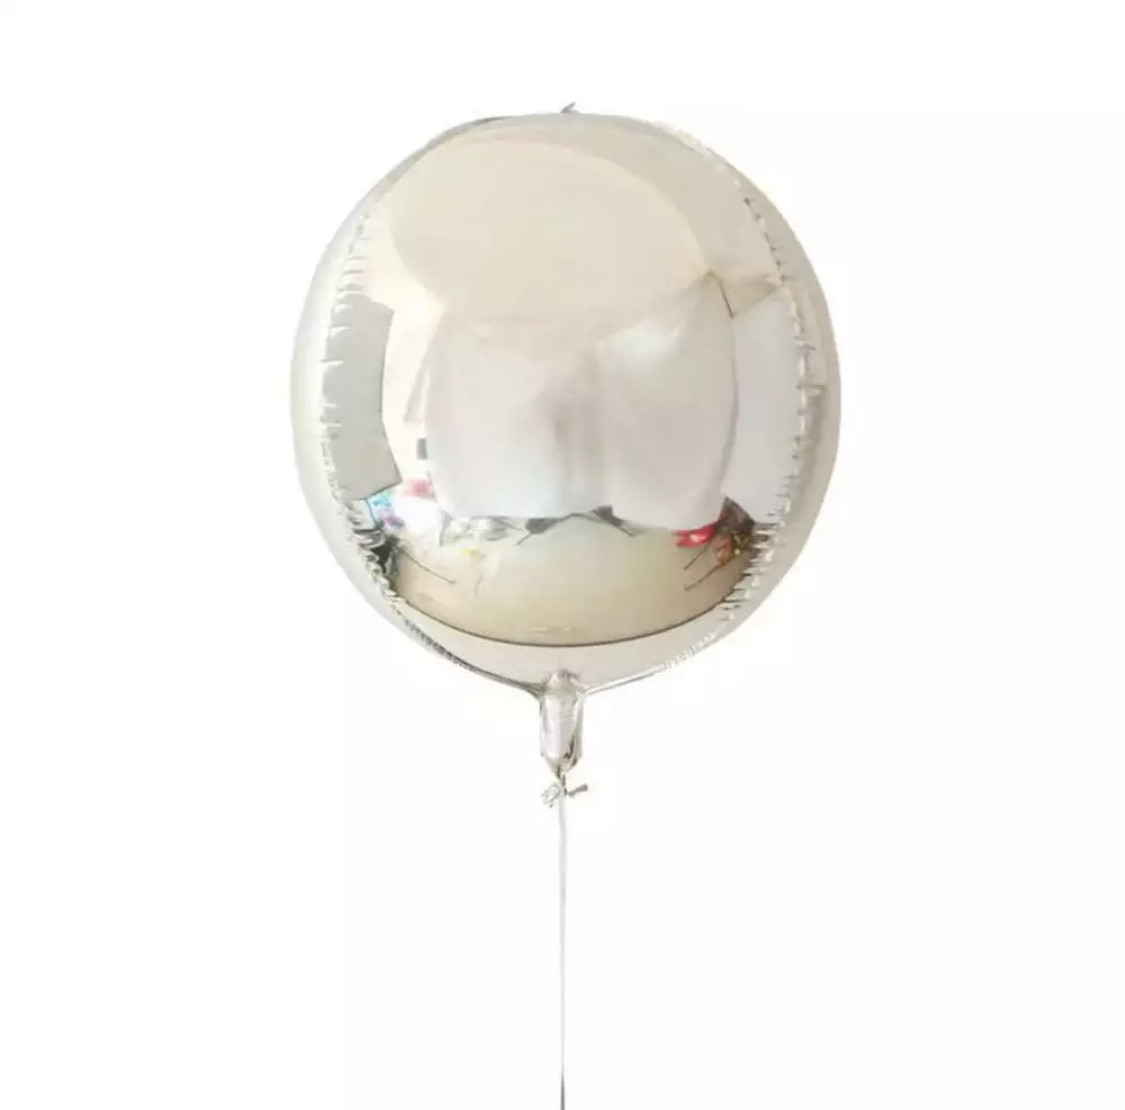 Фольгированный шар Сфера 3D Серебро. Размер 22'